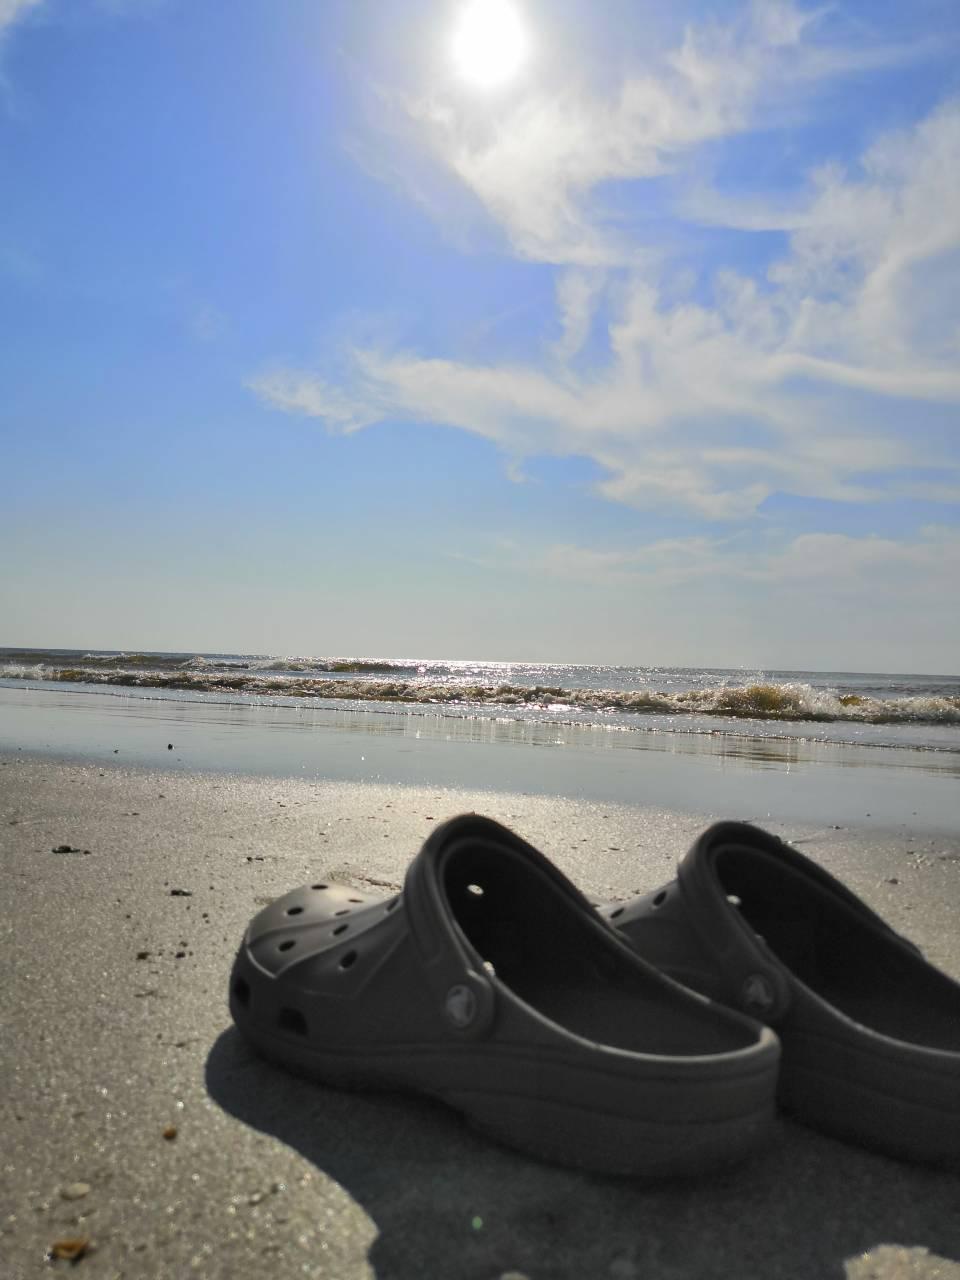 关丹酒店后的海滩